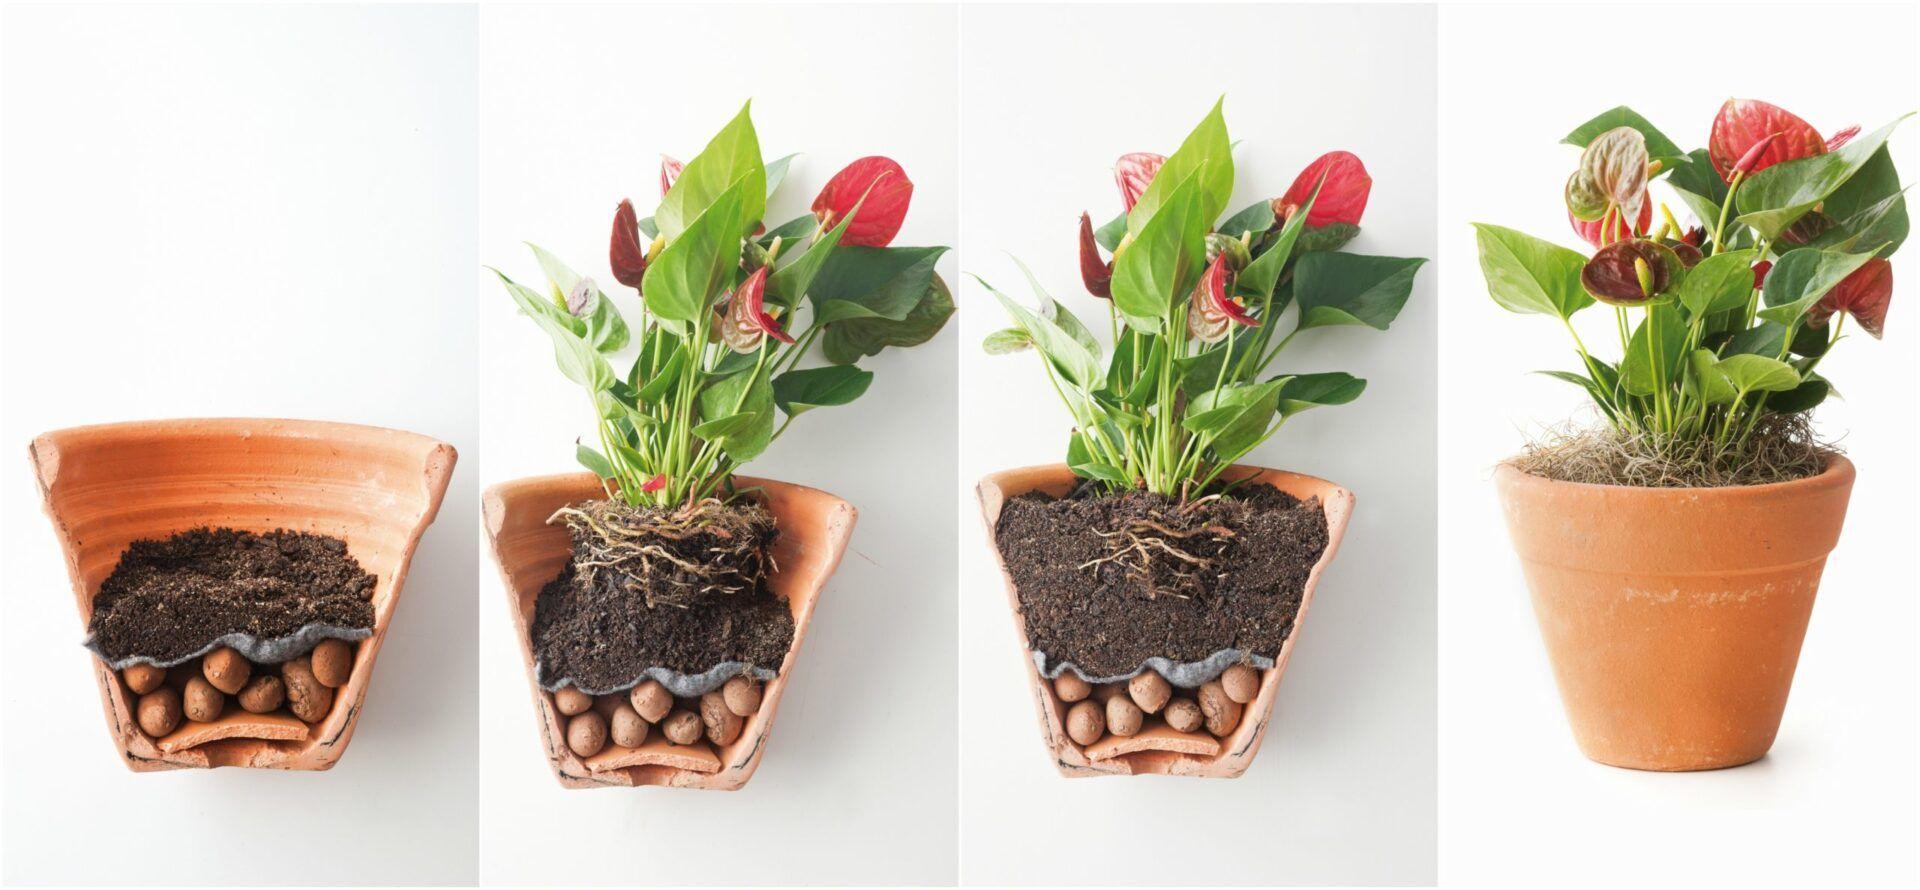 Argila expandida: o que é e como utilizar esse item na jardinagem